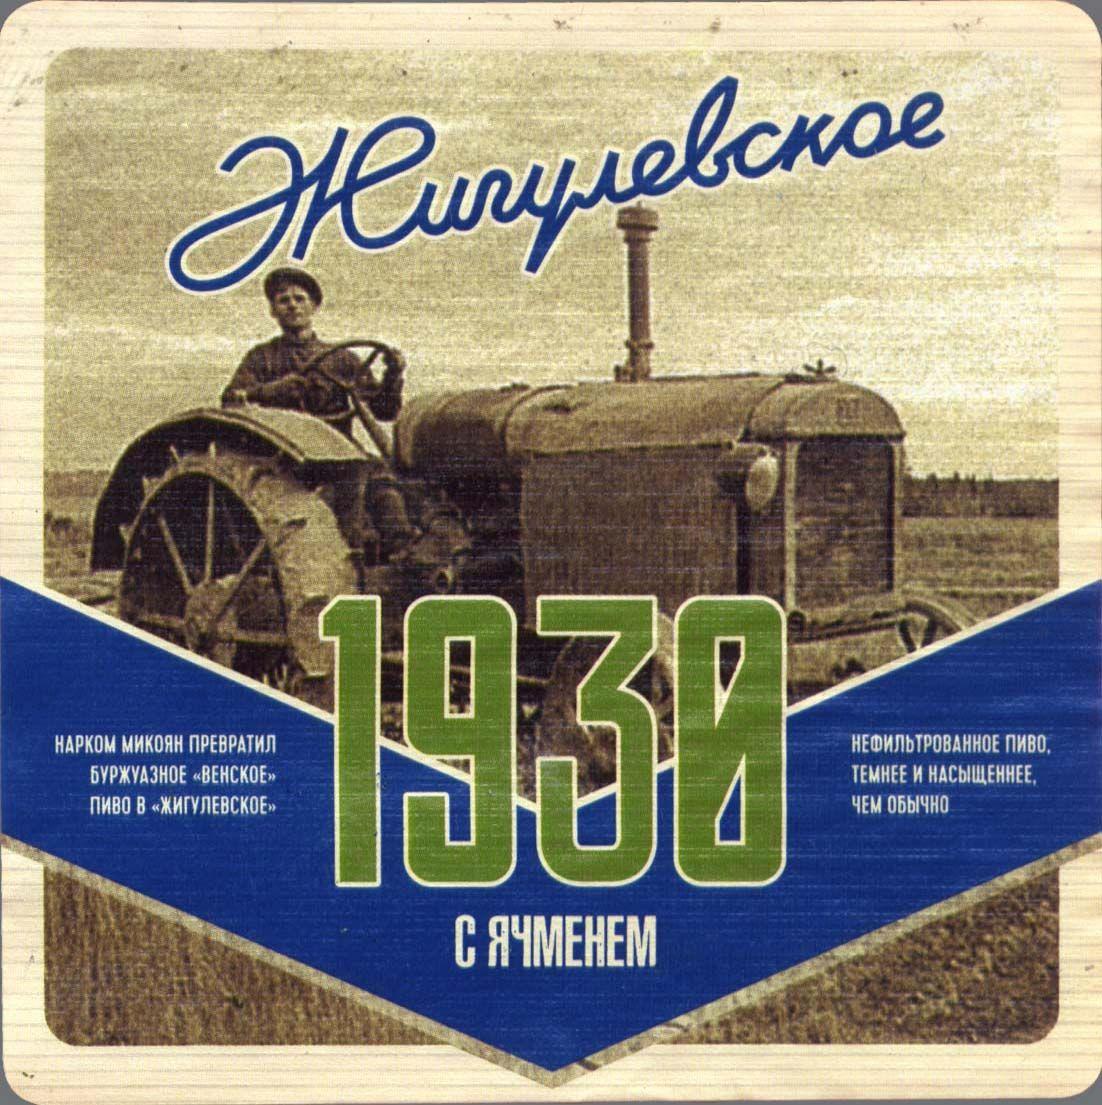 Светлое пиво Жигулевское 1930 картинка для ссылки на страницу пива